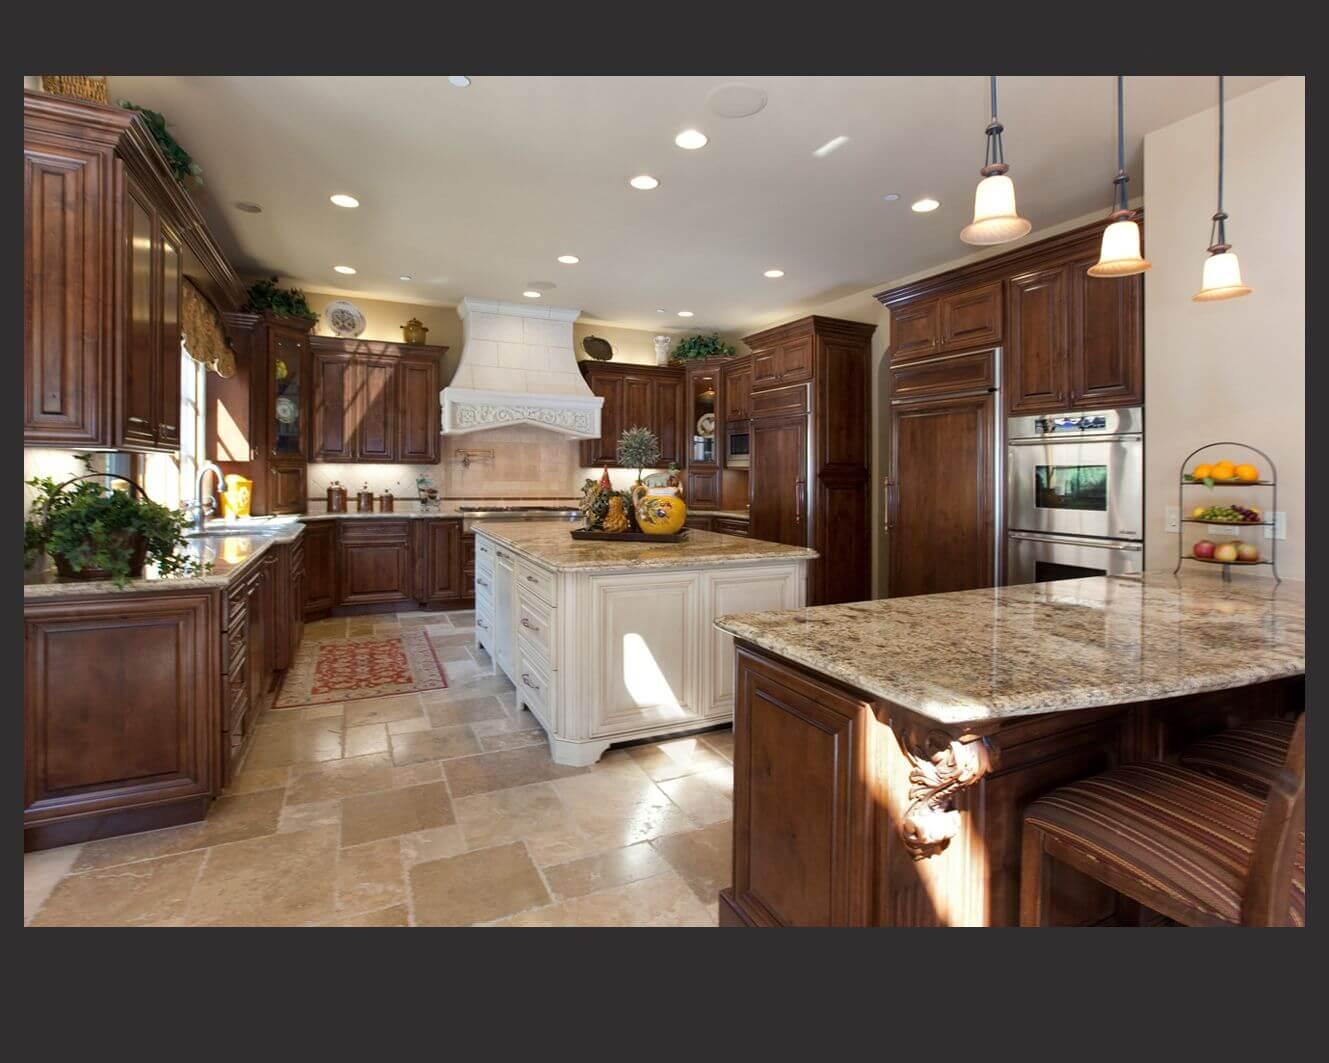 52 Dark Kitchens With Dark Wood Or Black Kitchen Cabinets Y Home Stratosphere